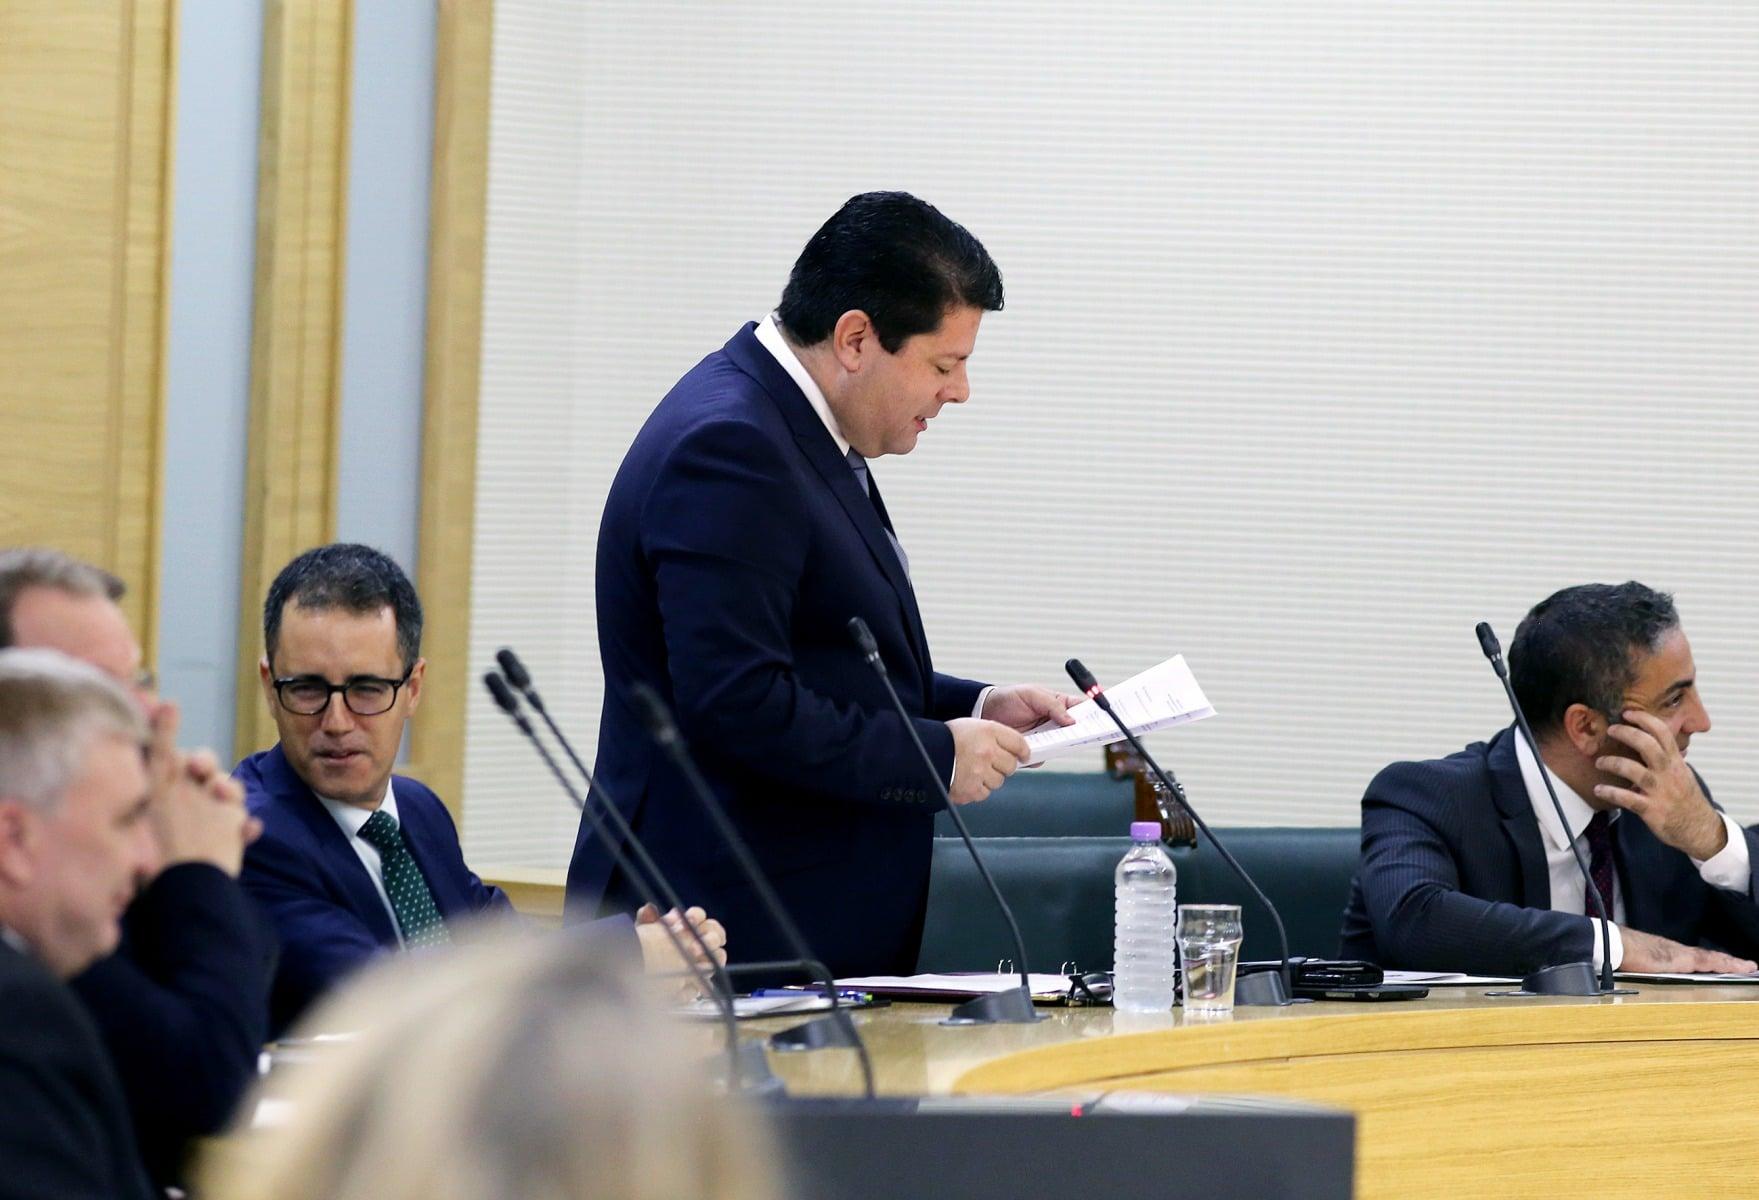 9-de-diciembre-de-2015-ceremonia-inaugural-del-nuevo-parlamento-de-gibraltar_23266215749_o